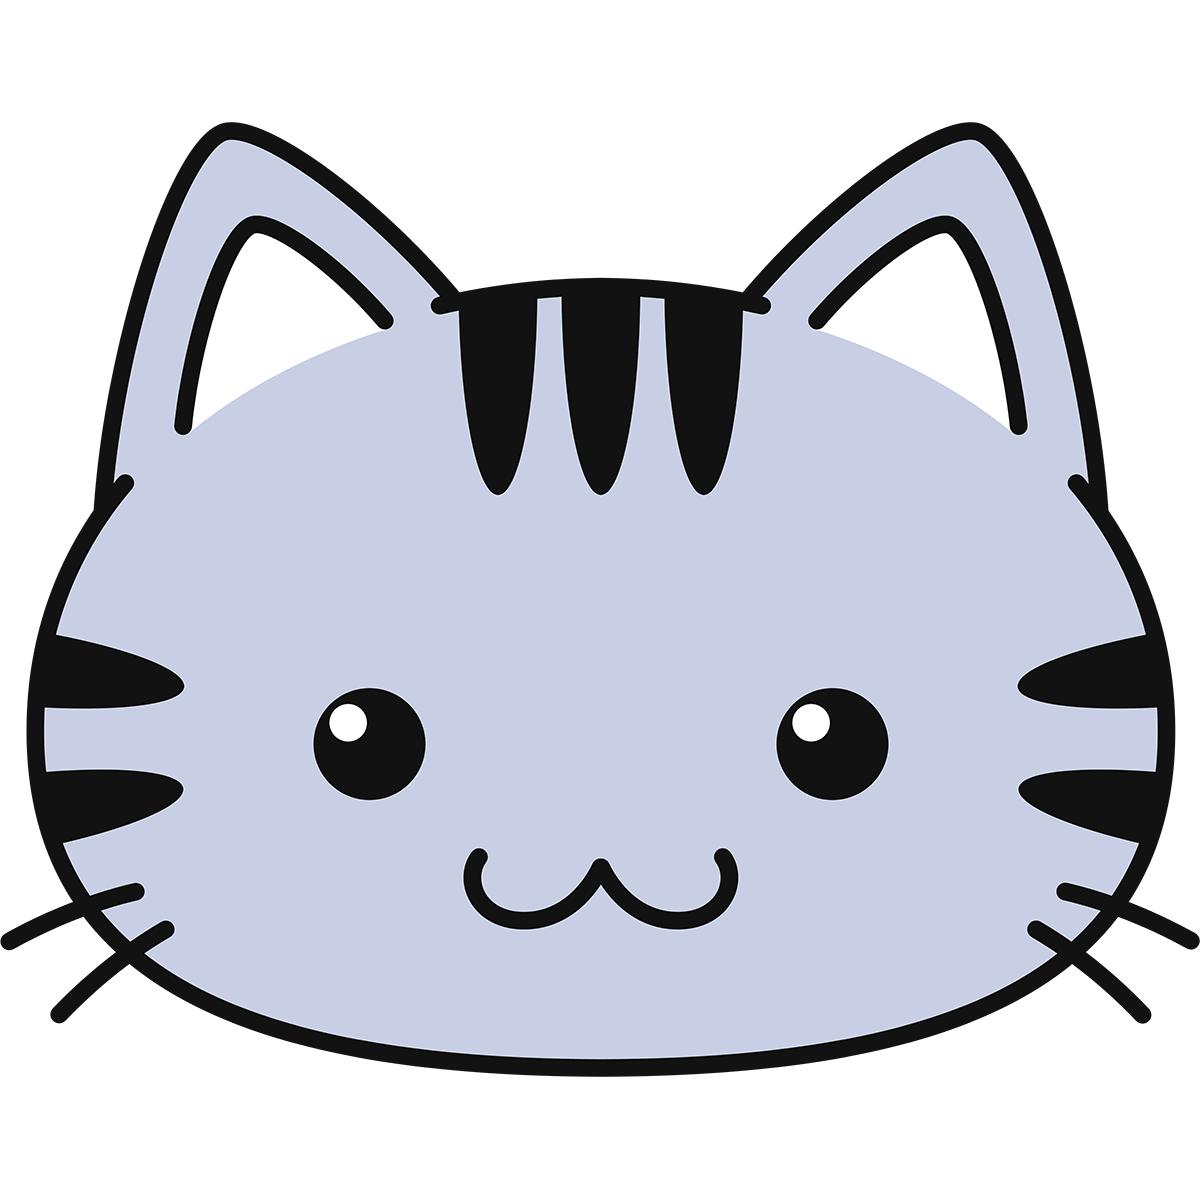 サバトラ猫の顔(丸目)の無料イラスト